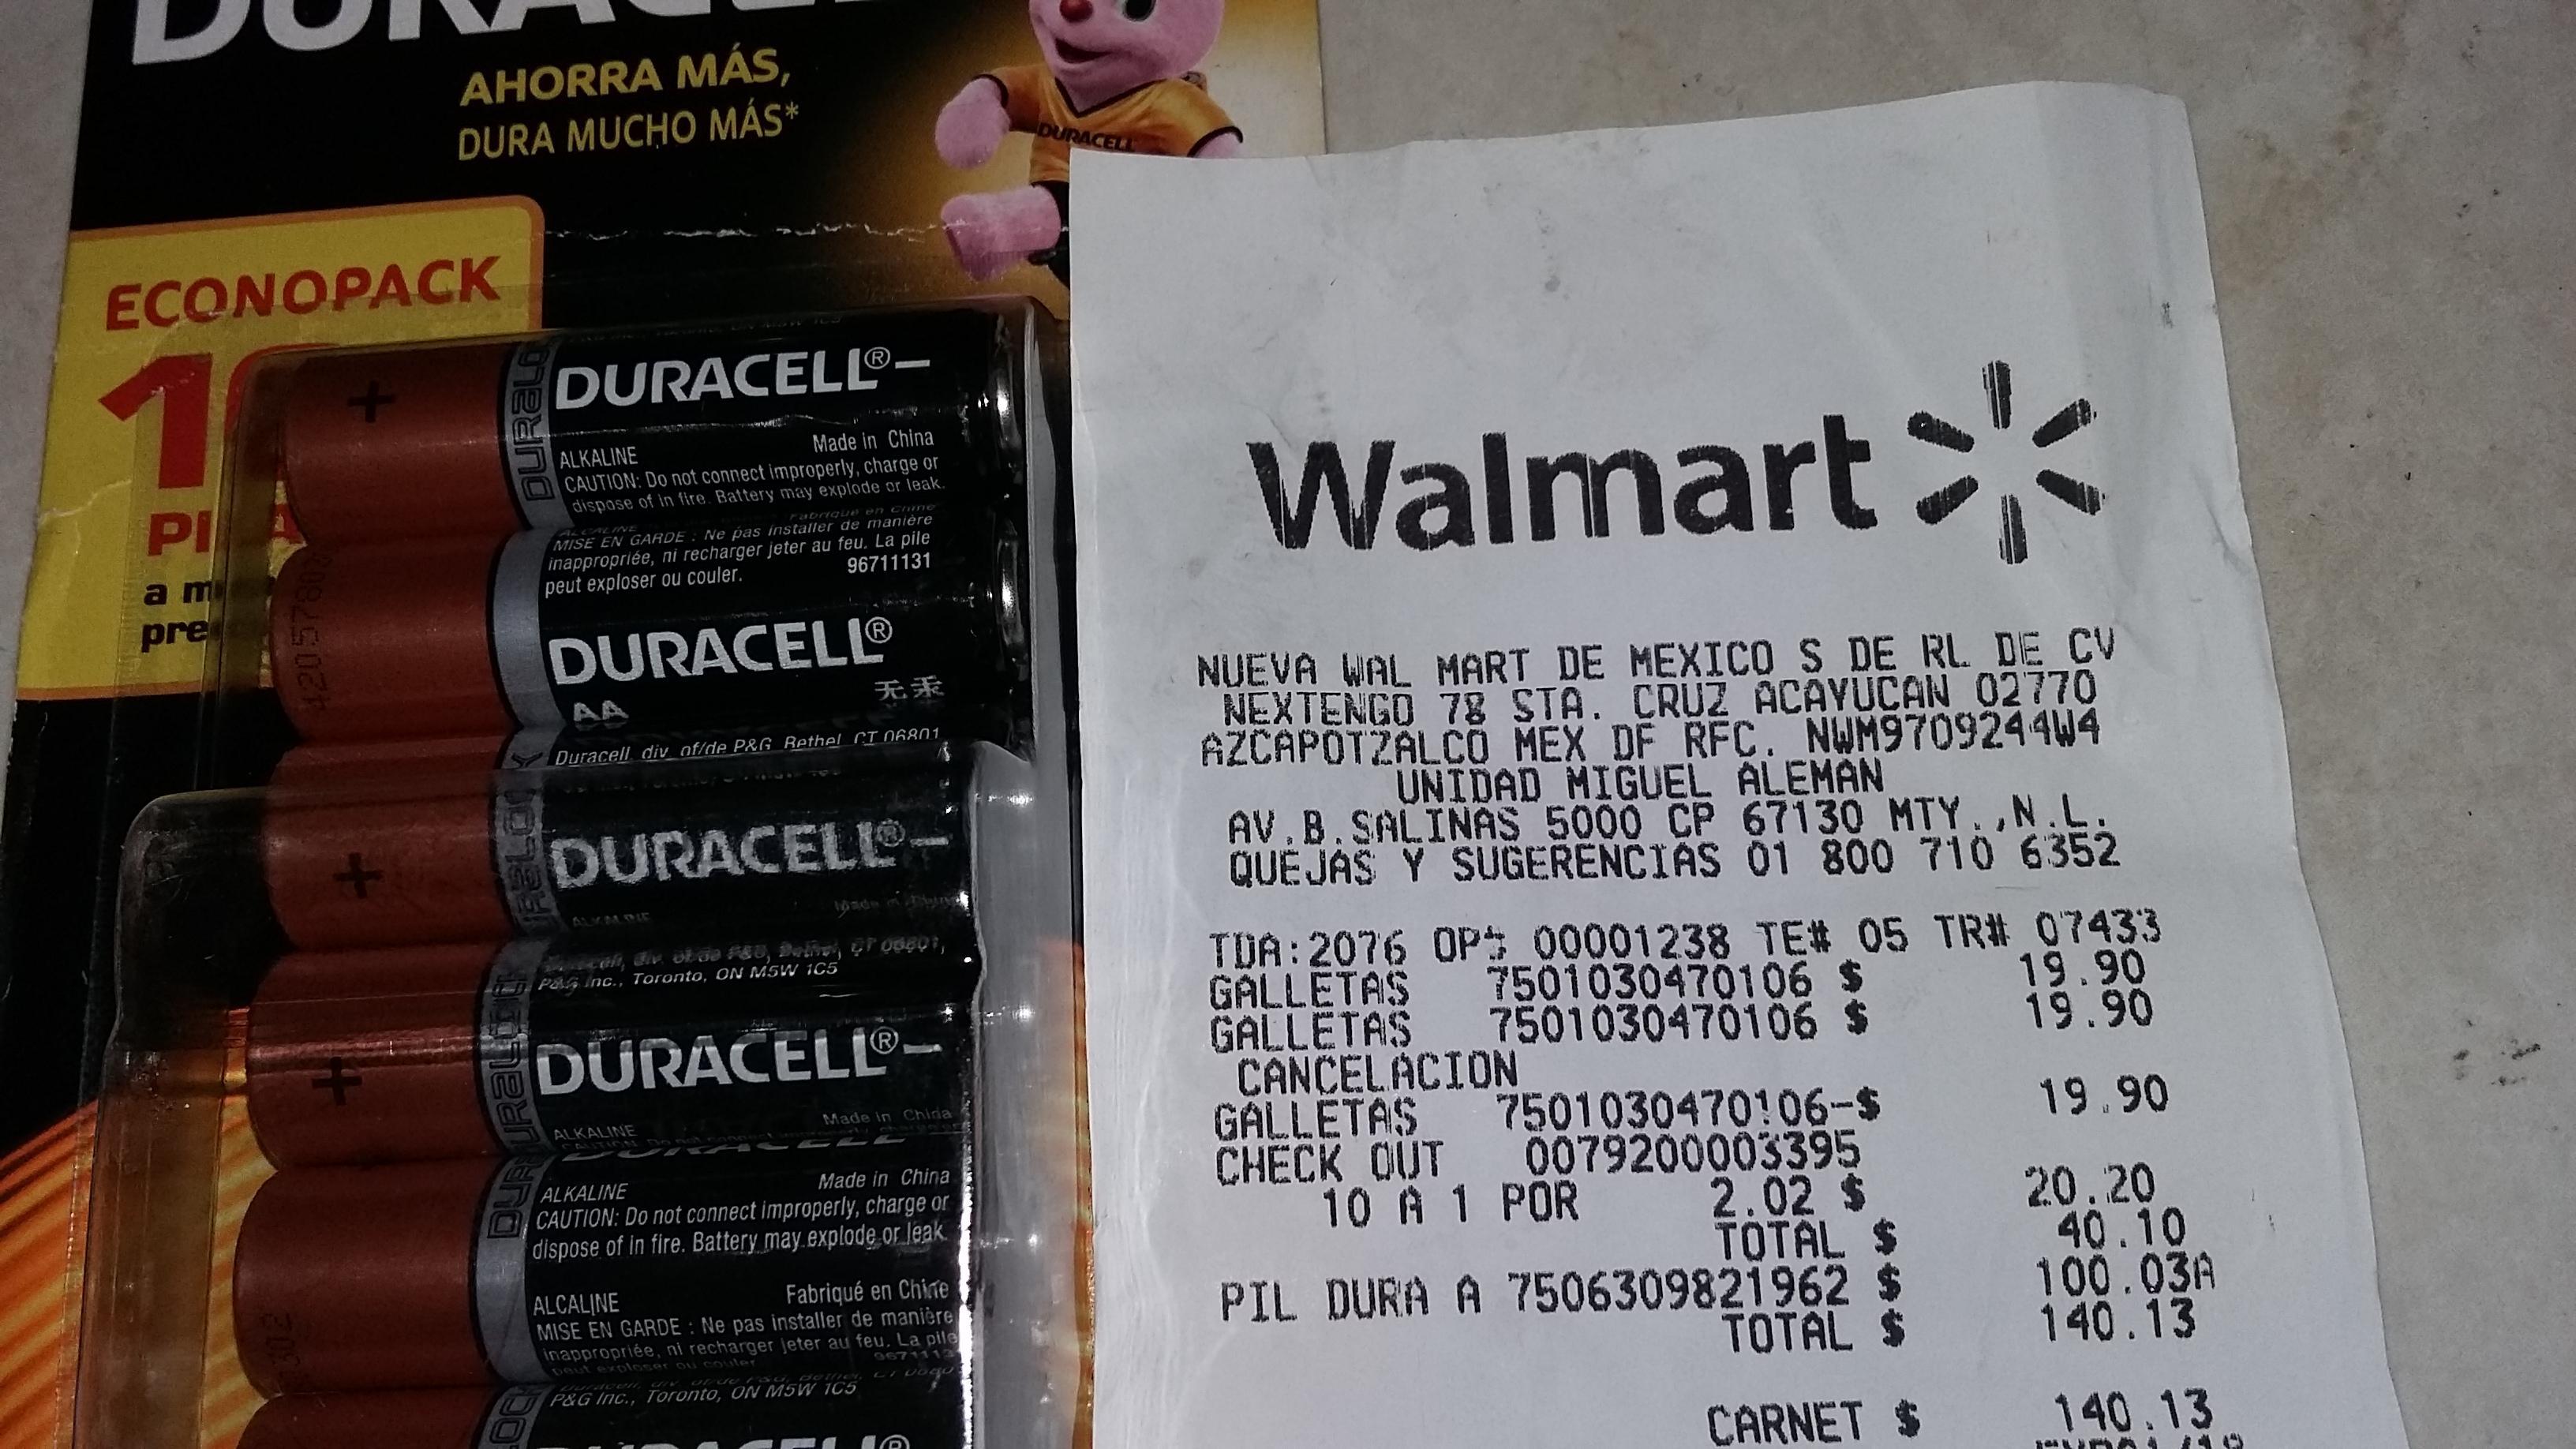 Walmart: 16 pilas Duracell a $100.03